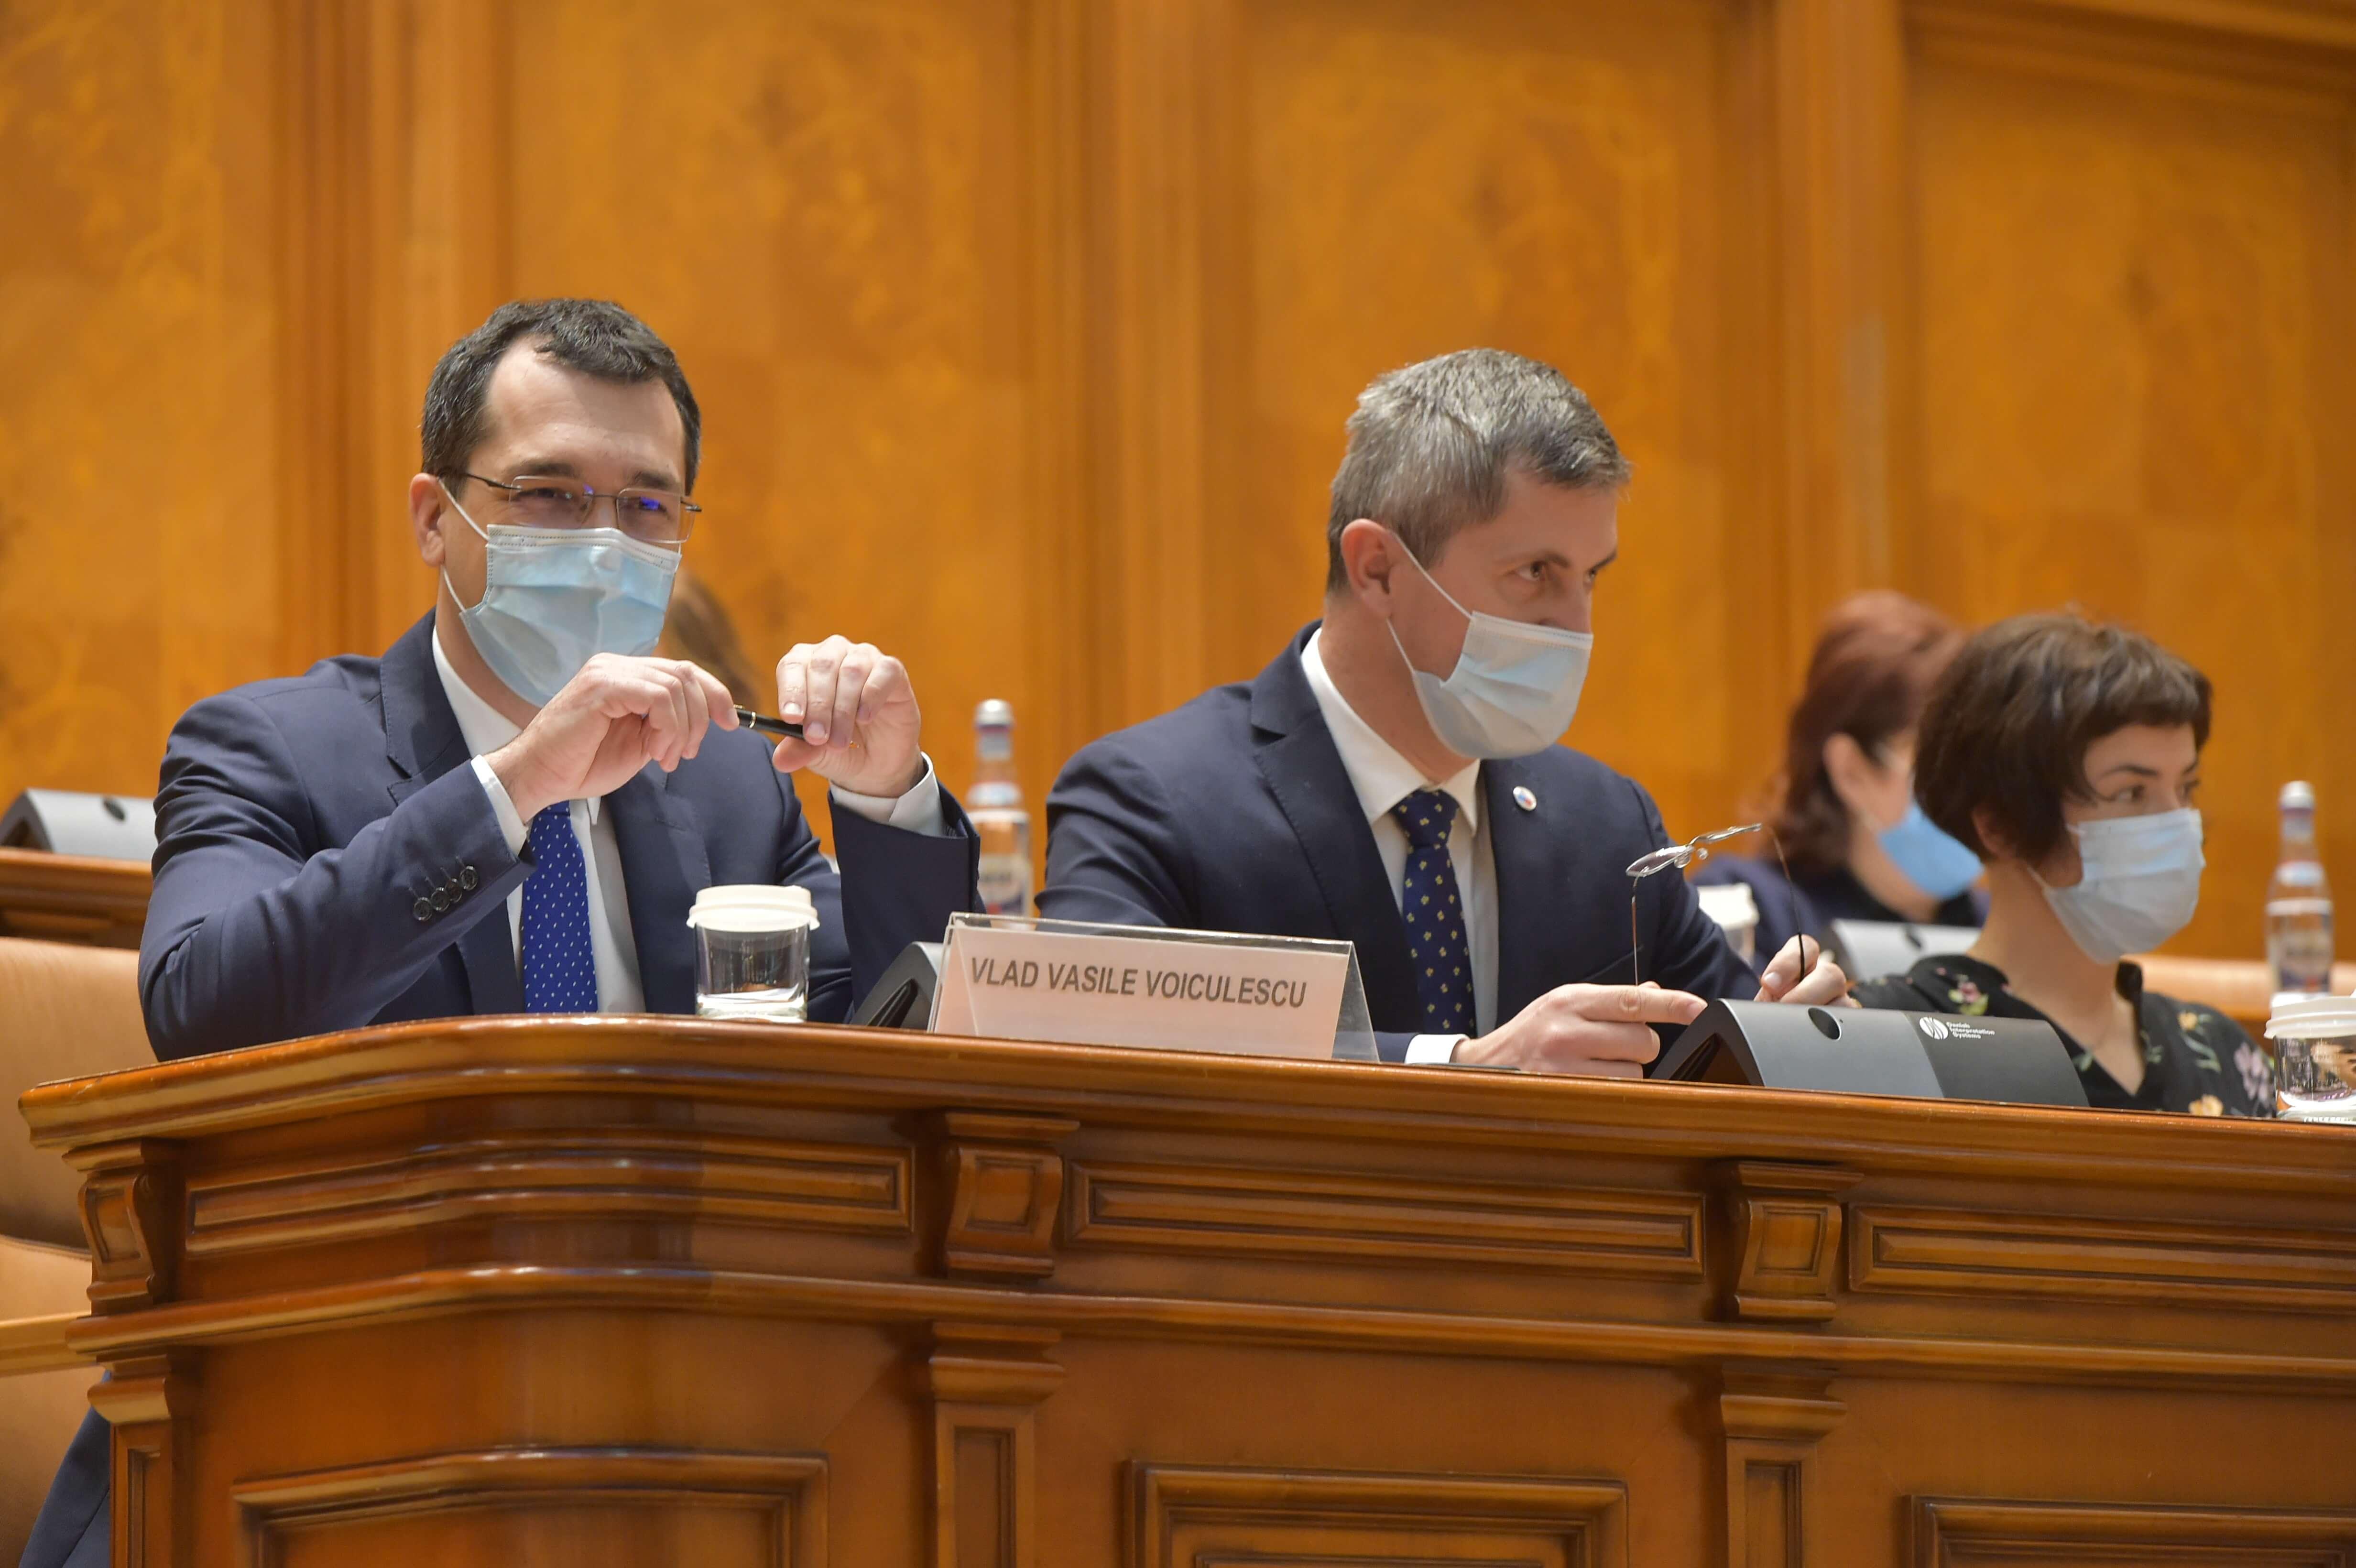 Iohannis, de partea lui Voiculescu. Dan Barna: Președintele ne-a cerut să îl susținem